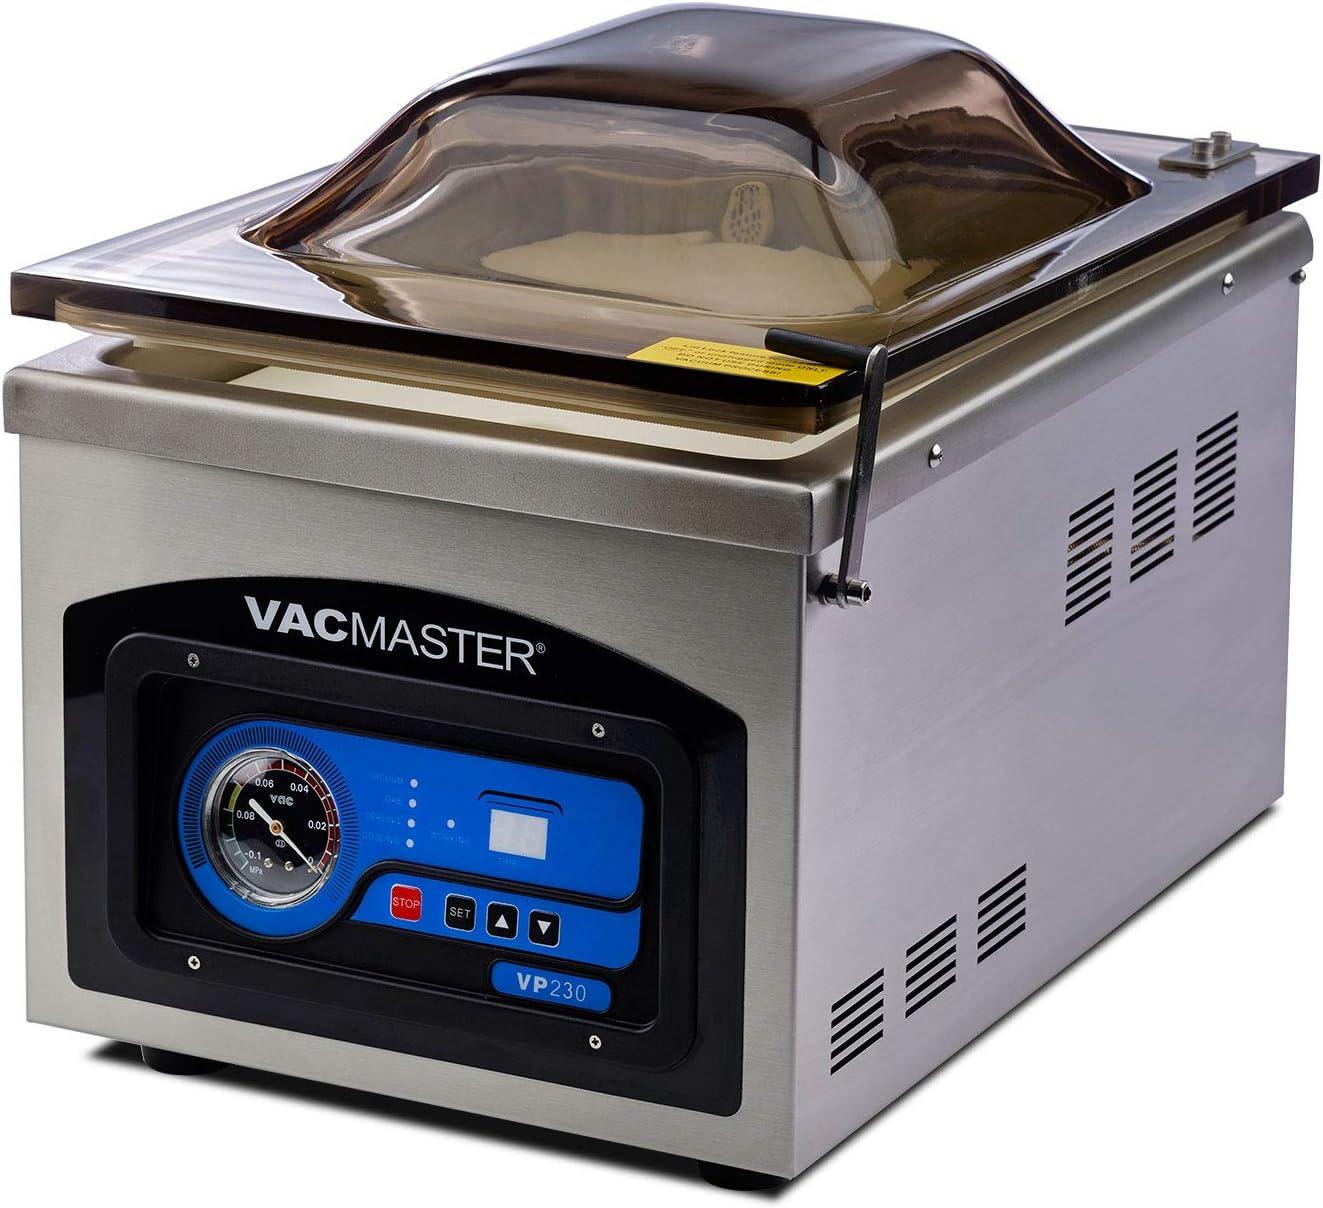 Vacmaster VP230 Chamber Sealer Nashville-Davidson Mall Vacuum Regular store